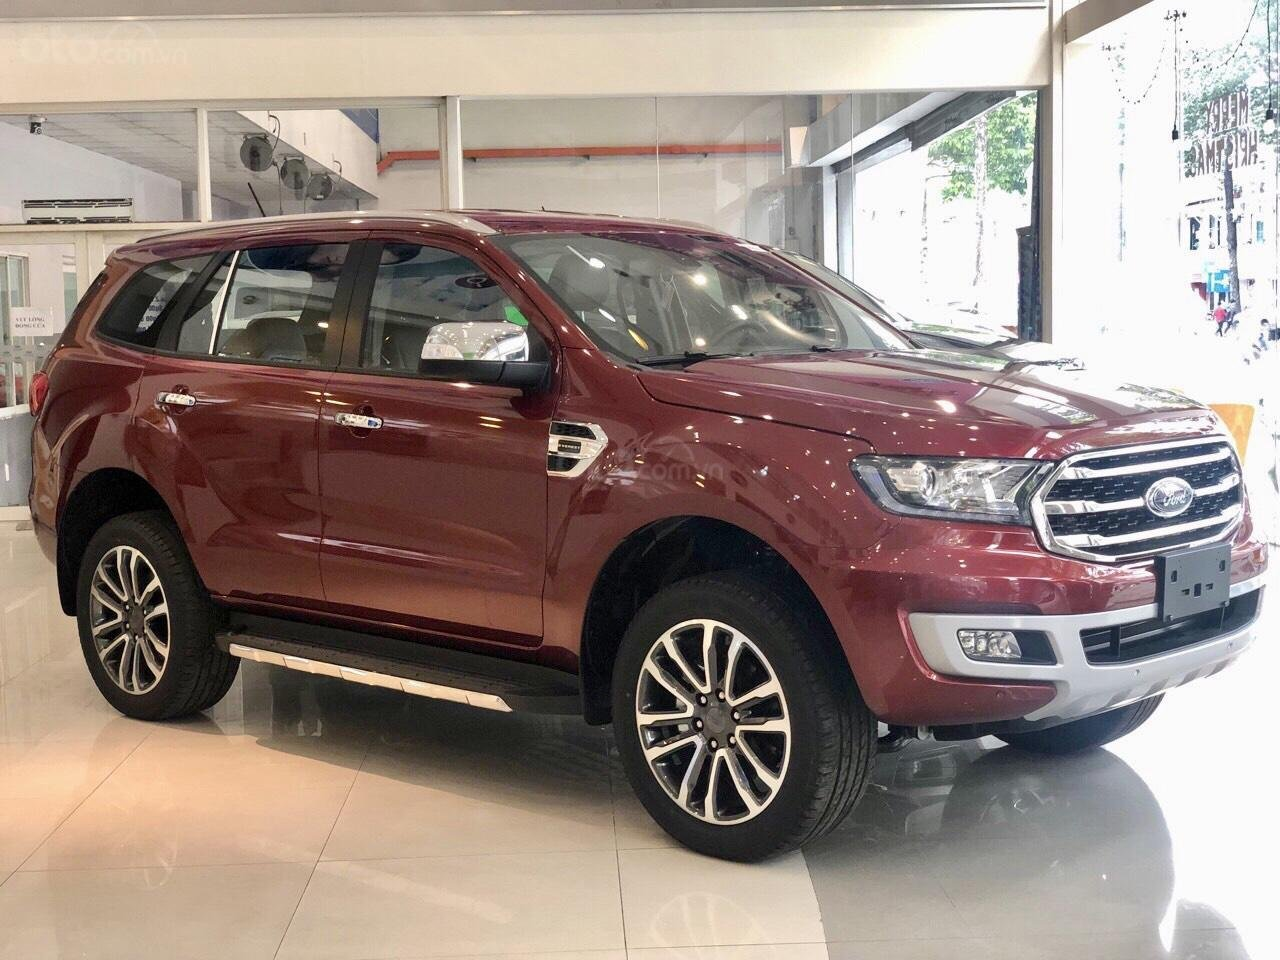 Ford Everest khuyến mãi khủng tặng kèm phụ kiện chính hãng (2)